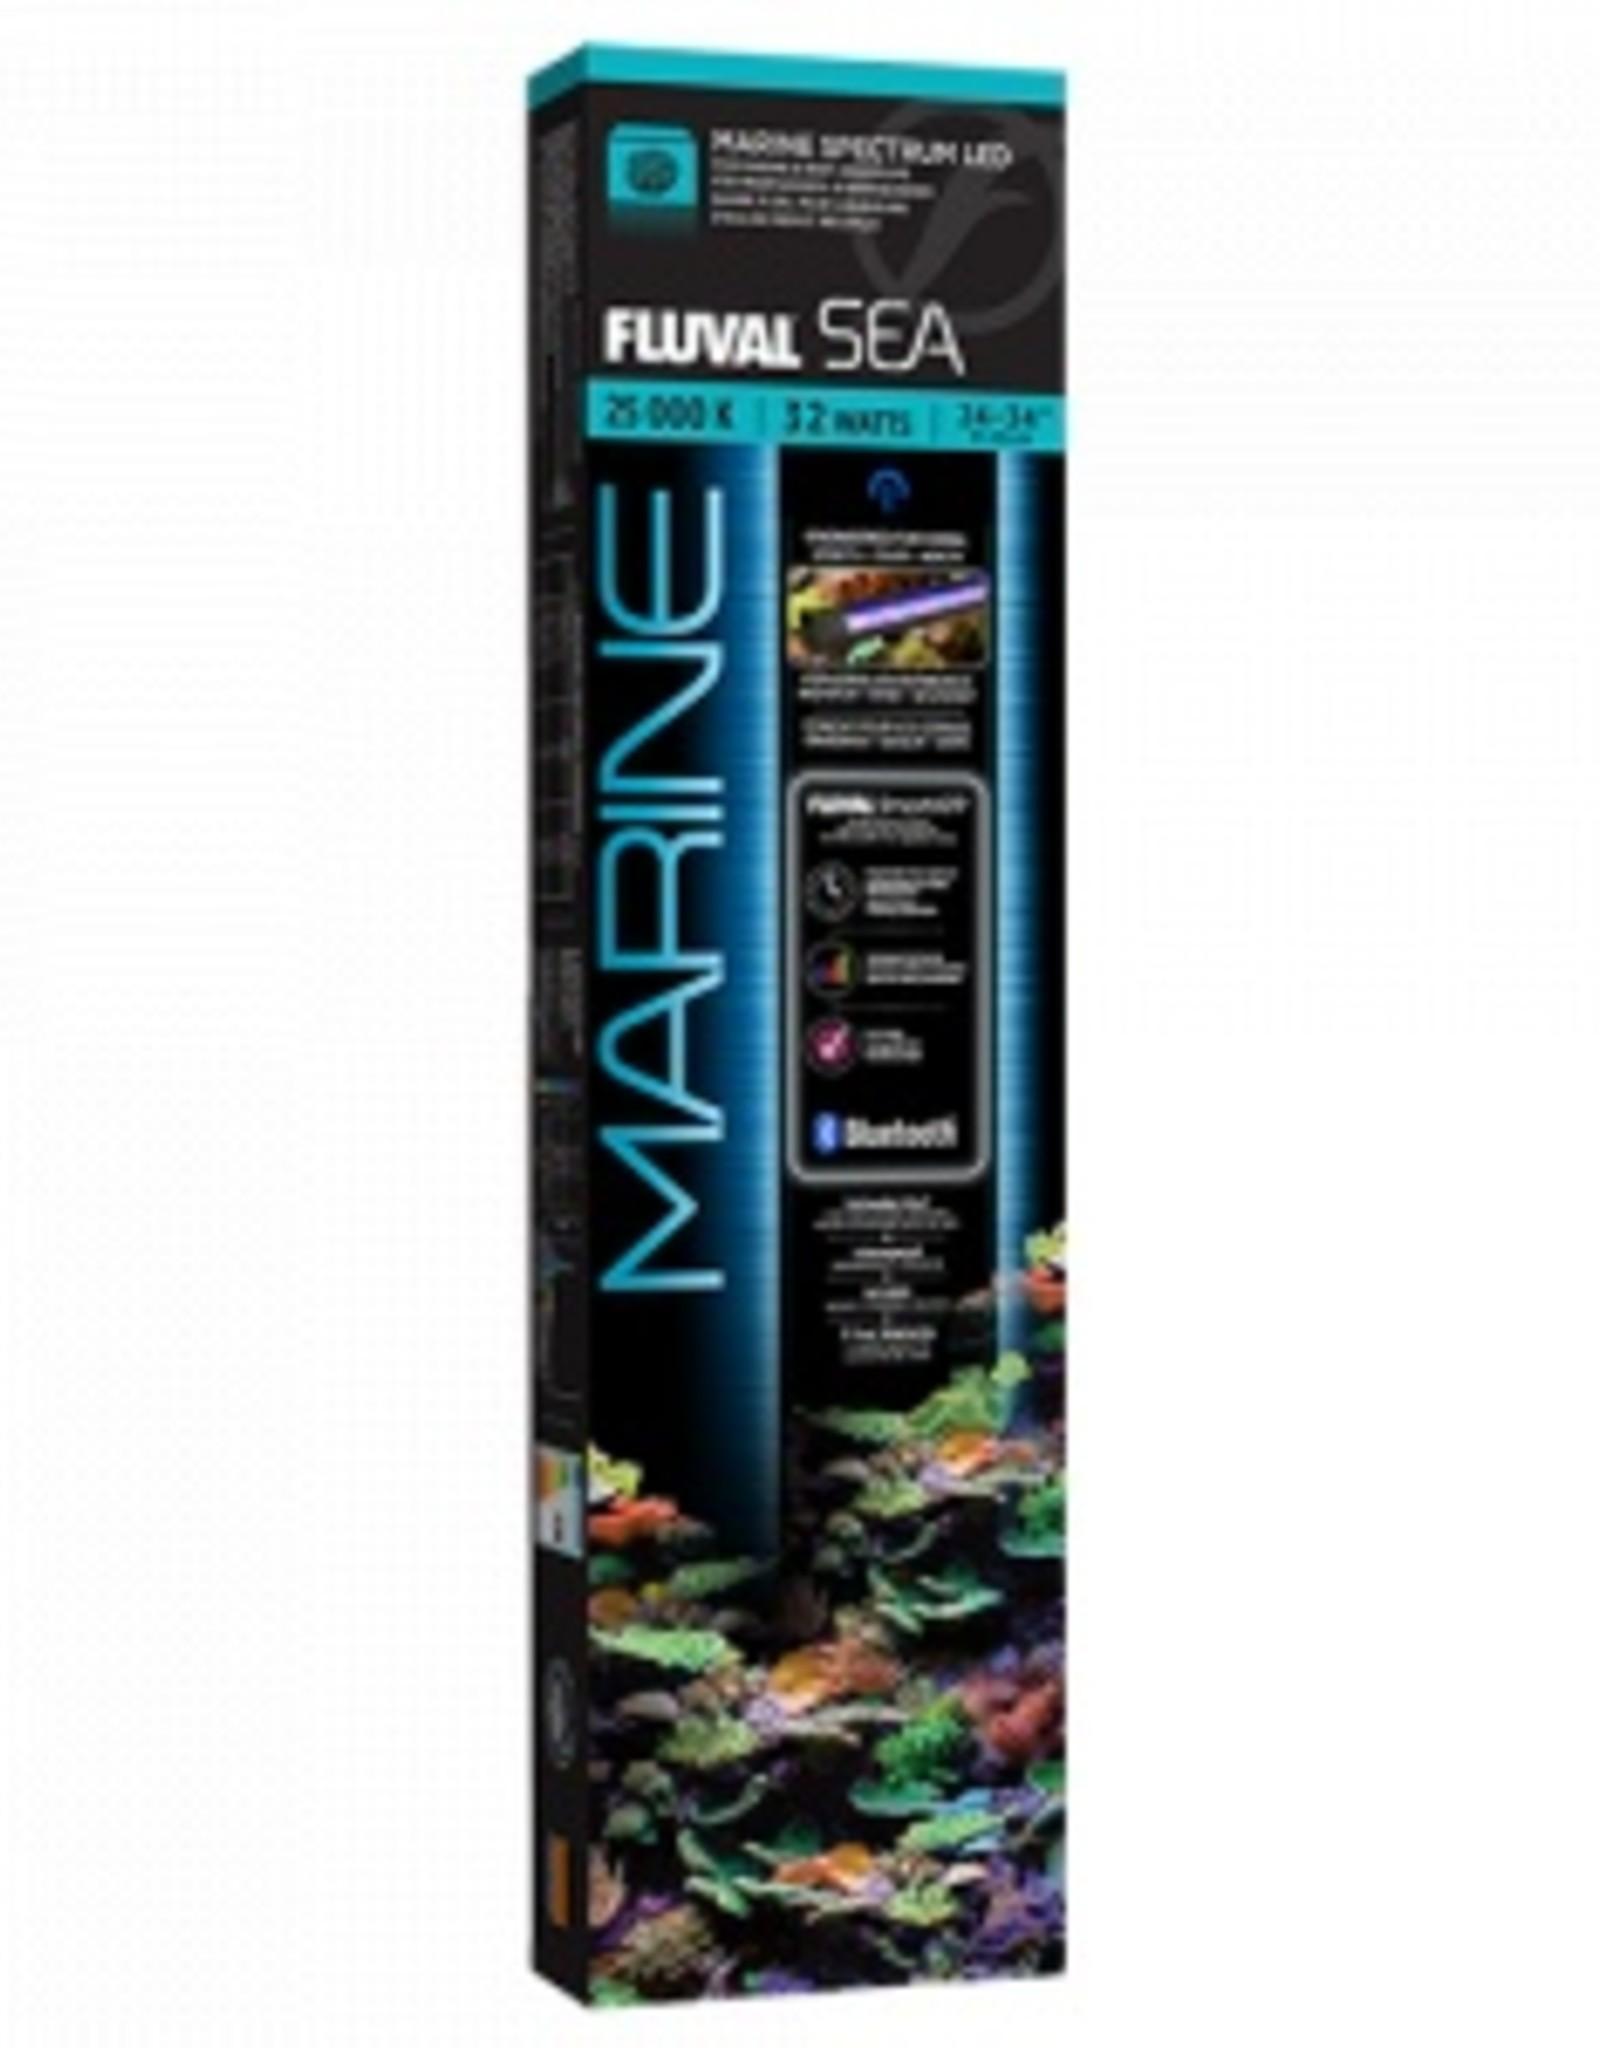 """FLUVAL Fluval Sea LED Marine & Reef 3.0, 32w 24-34"""""""